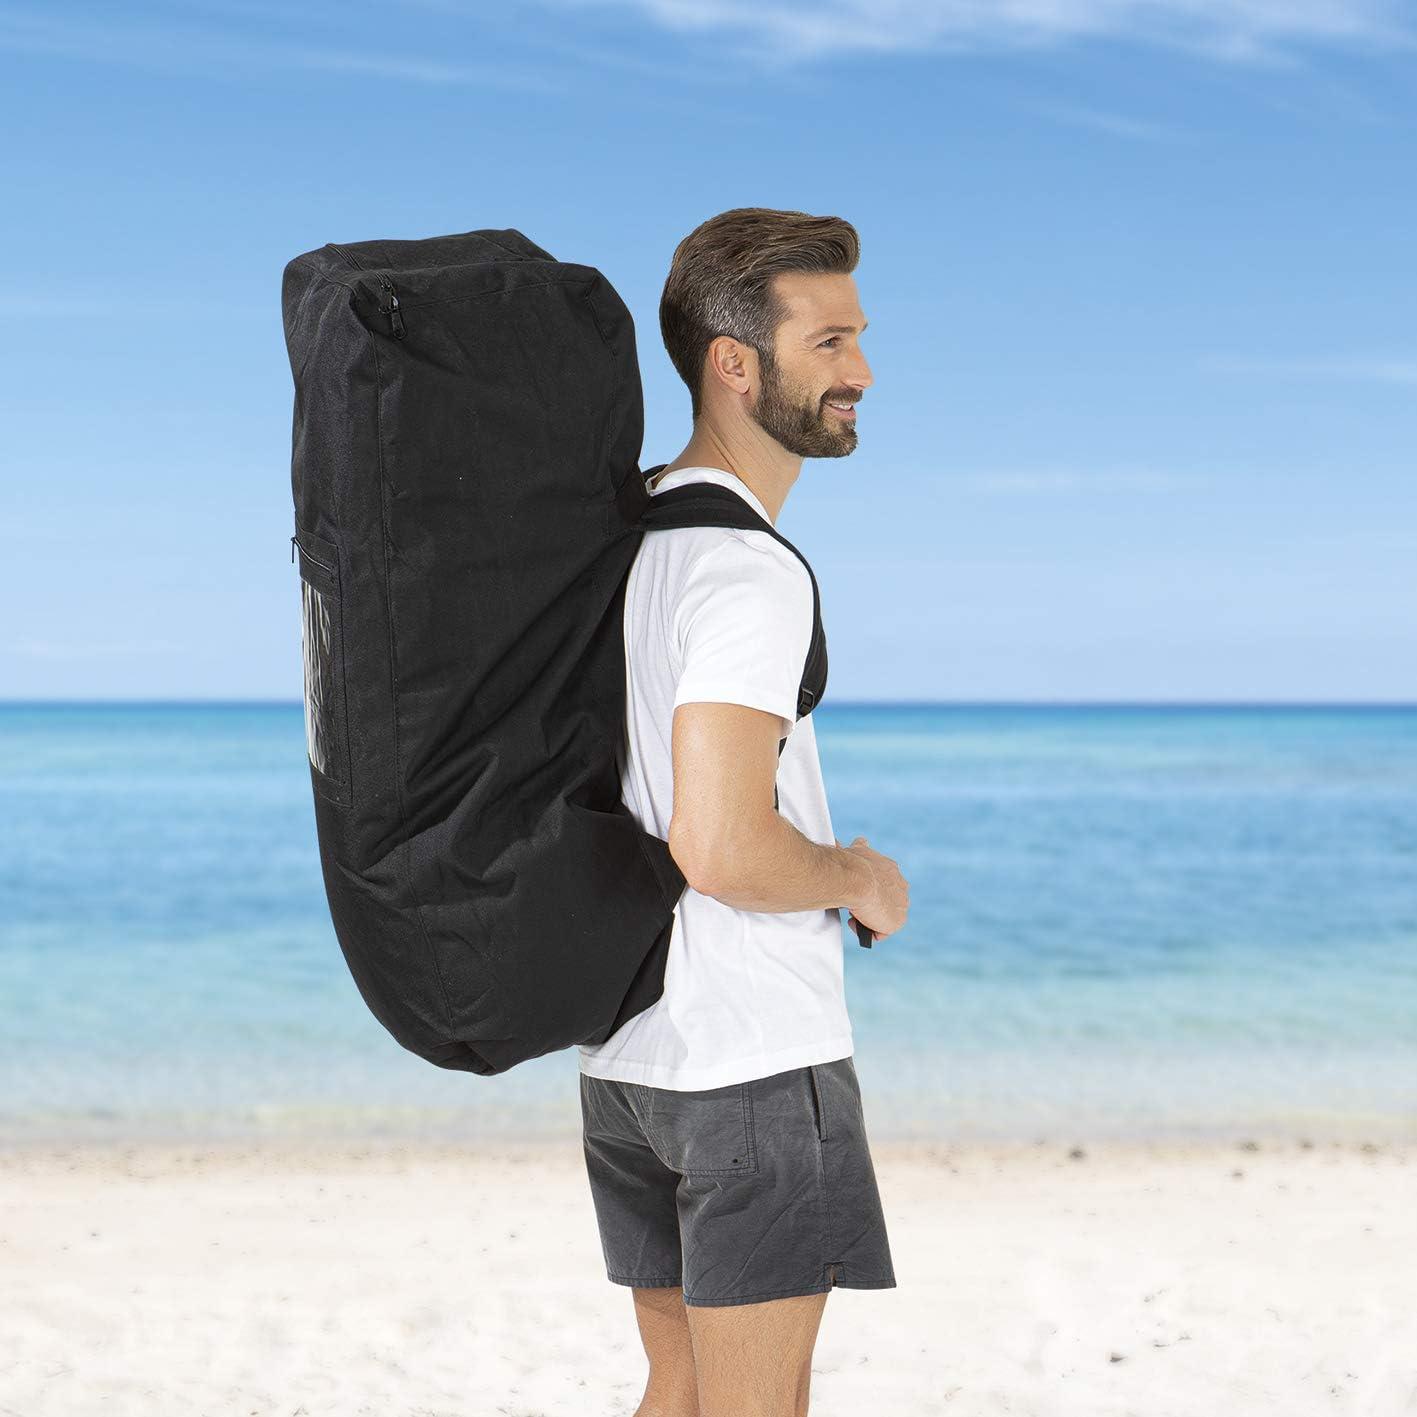 Incluye bolsa de transporte con una pr/áctica asa de transporte Tabla de padel de pie Necesito vitaminas del mar o Mi playa privada de primera calidad juego de reparaci/ón y bomba de doble golpe